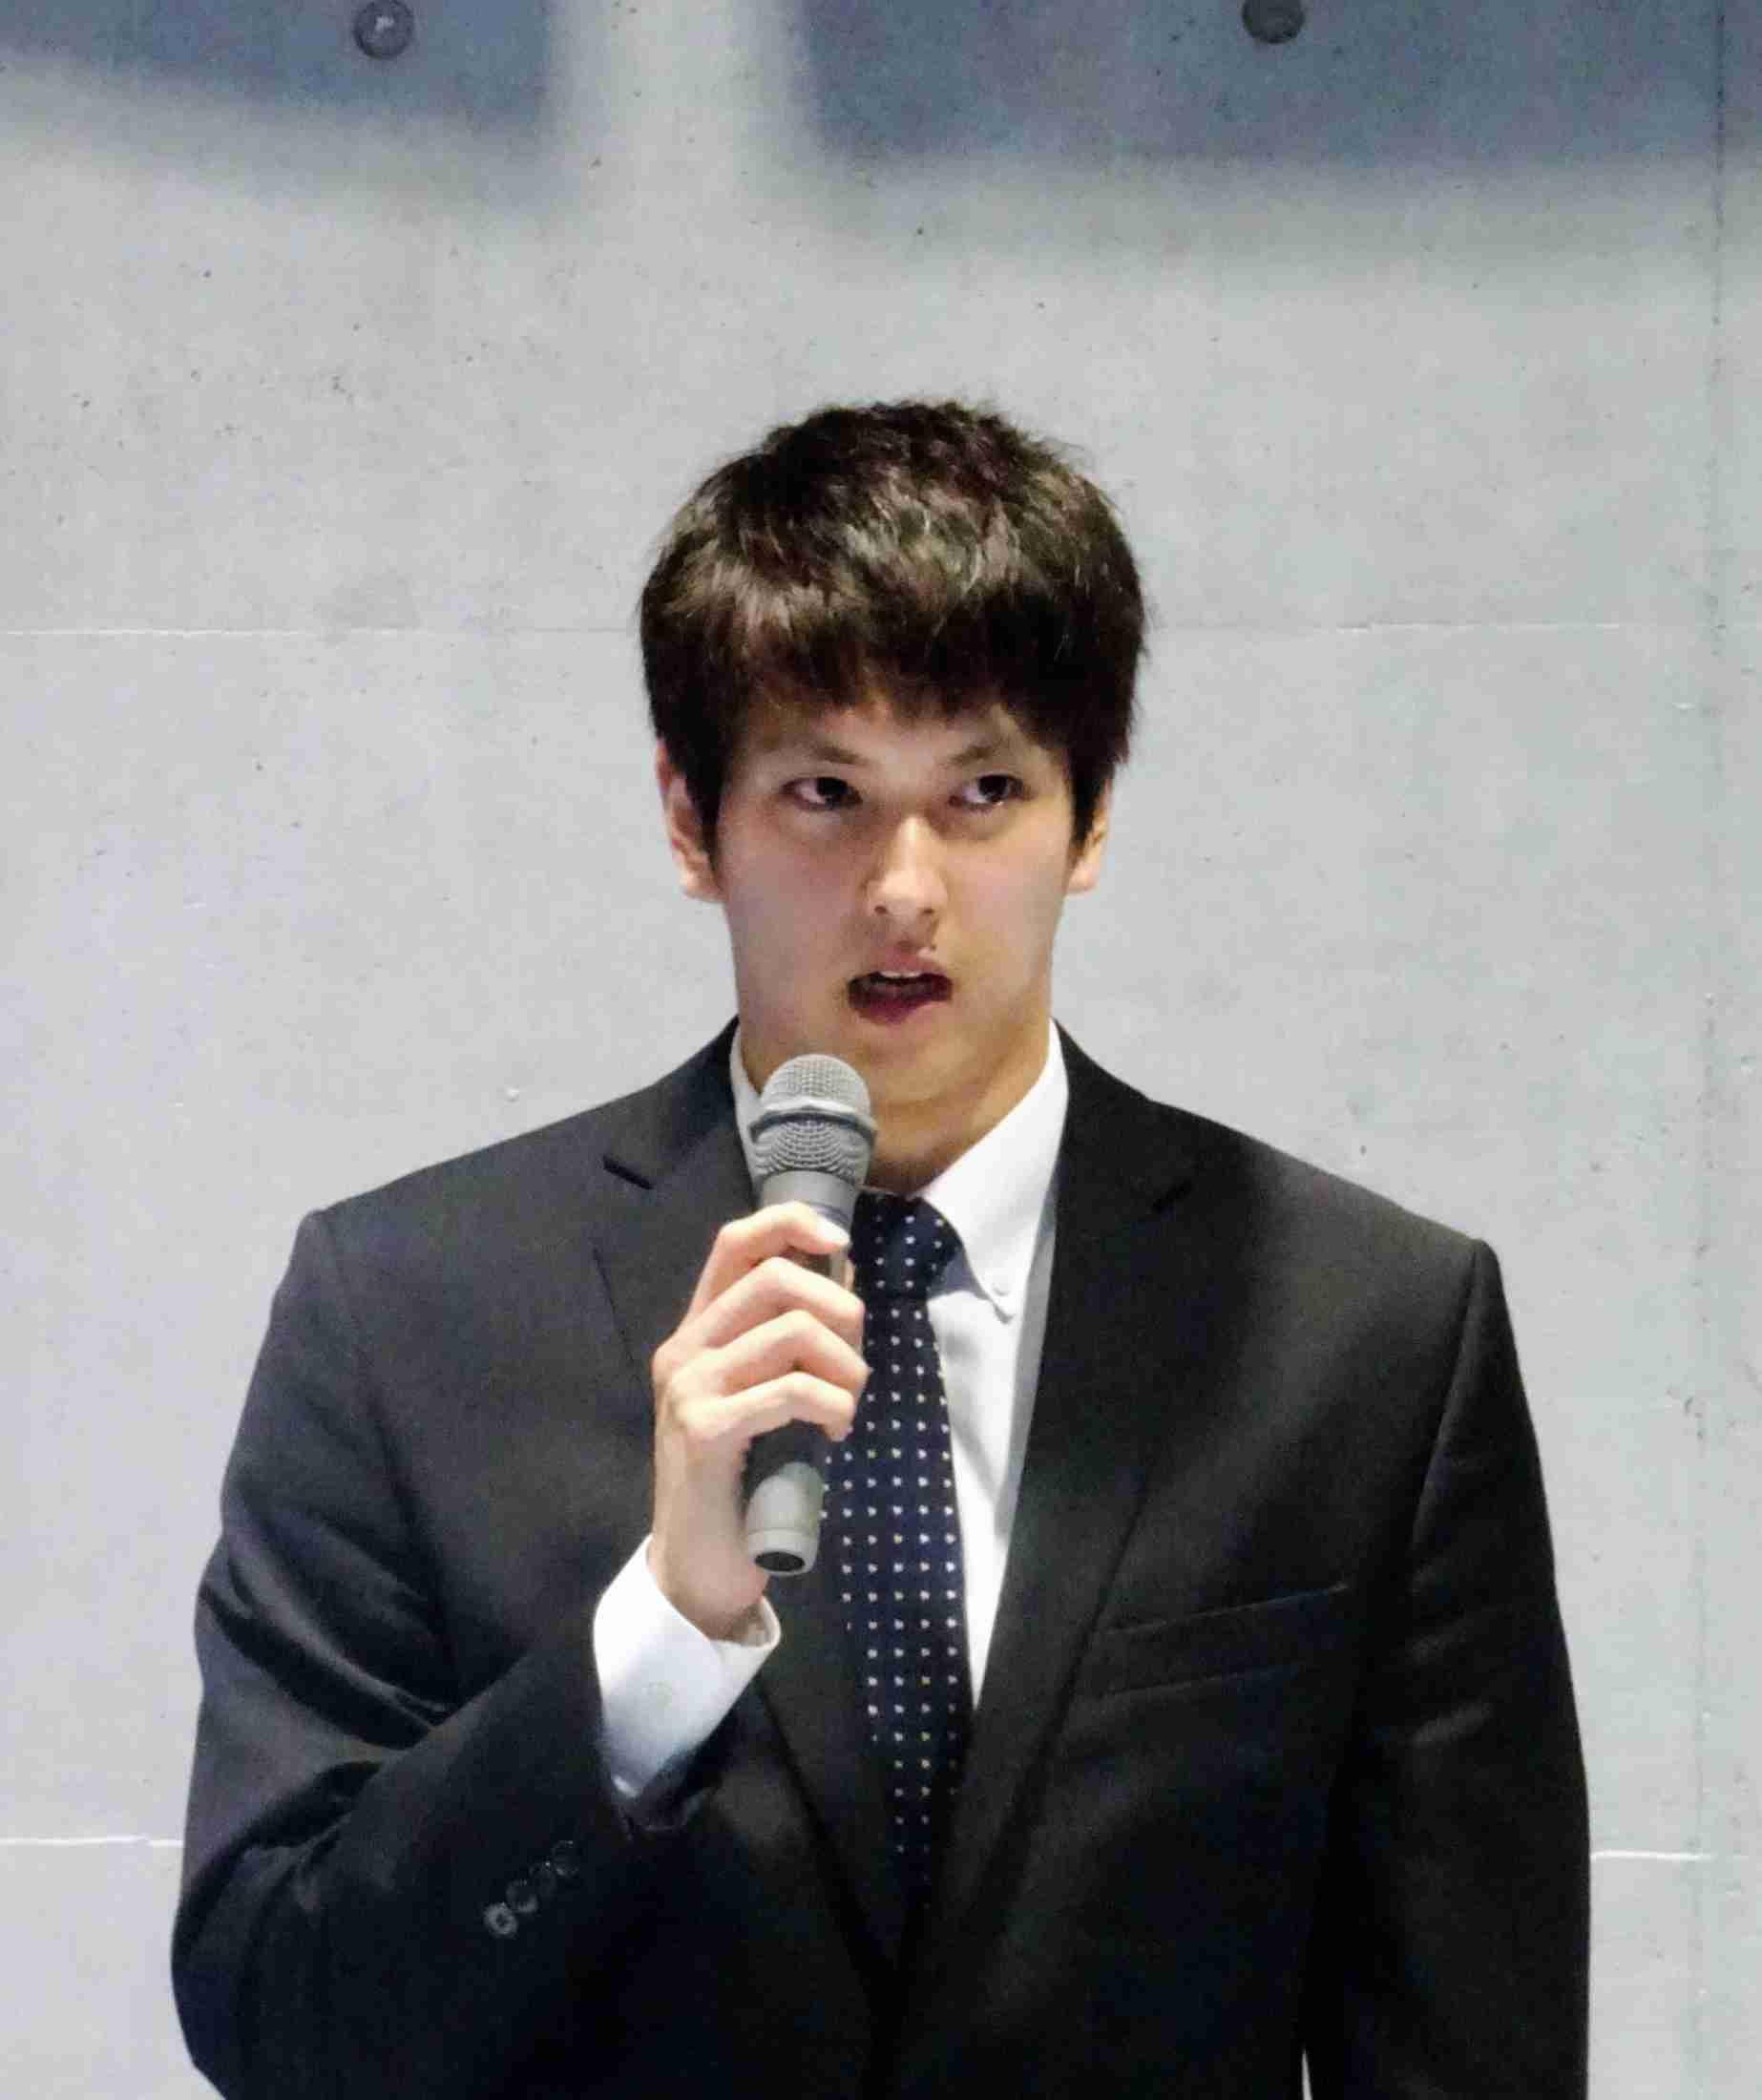 古賀、ドーピング陽性反応に涙の主張 「意図的にとったことは一切ない」(デイリースポーツ) - Yahoo!ニュース